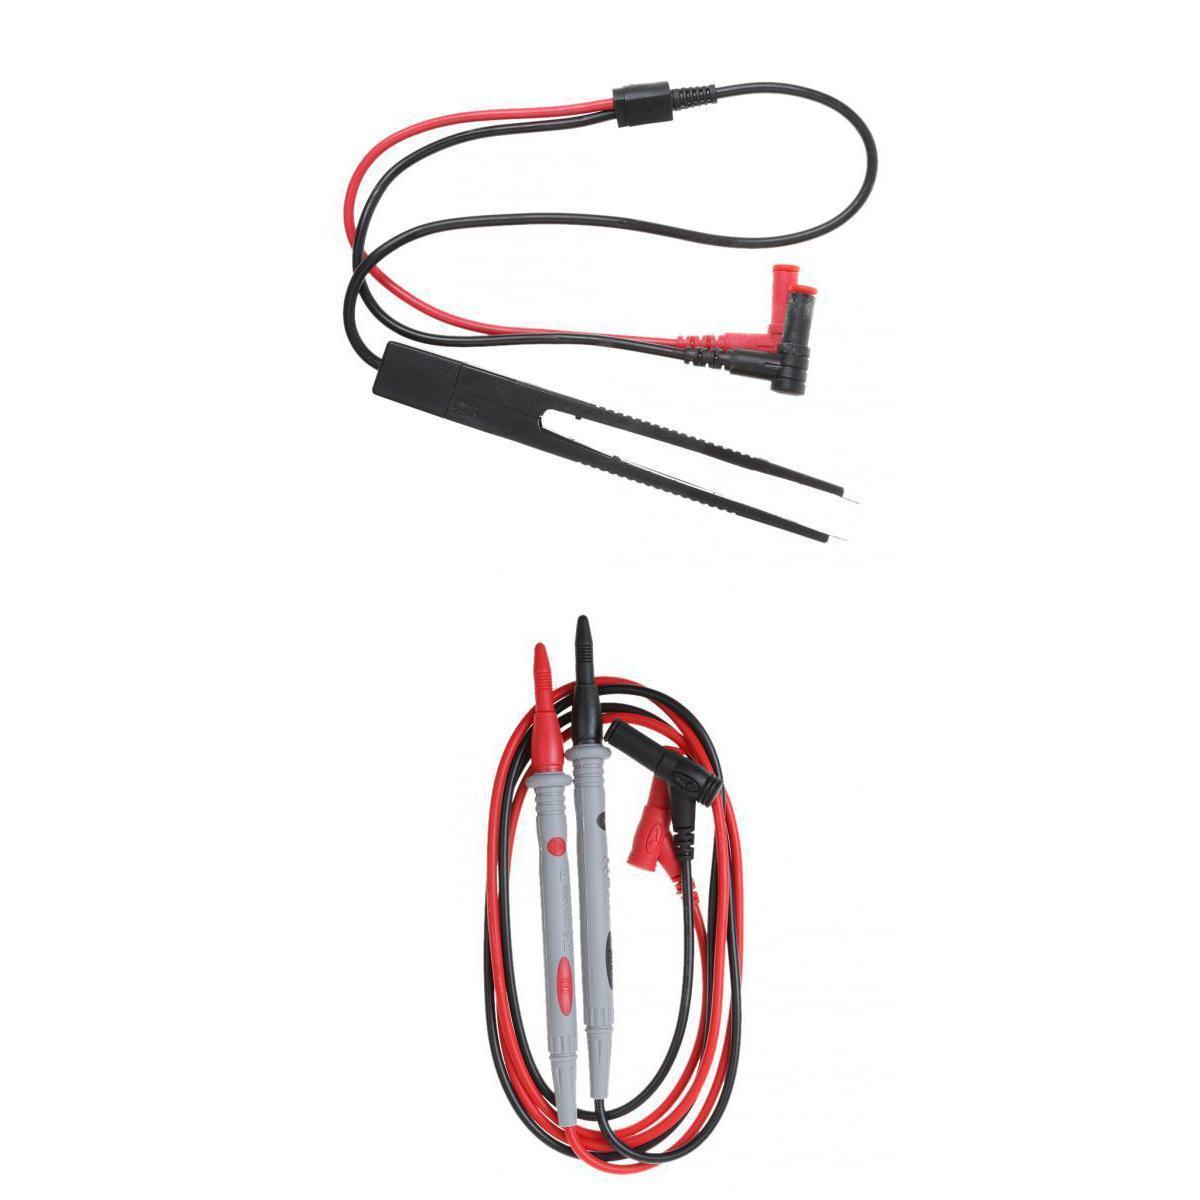 SMD LCR индуктора тест клип зонд цифровой мультиметр тест свинца зонд провод ручка зонд назогастральный купить в москве